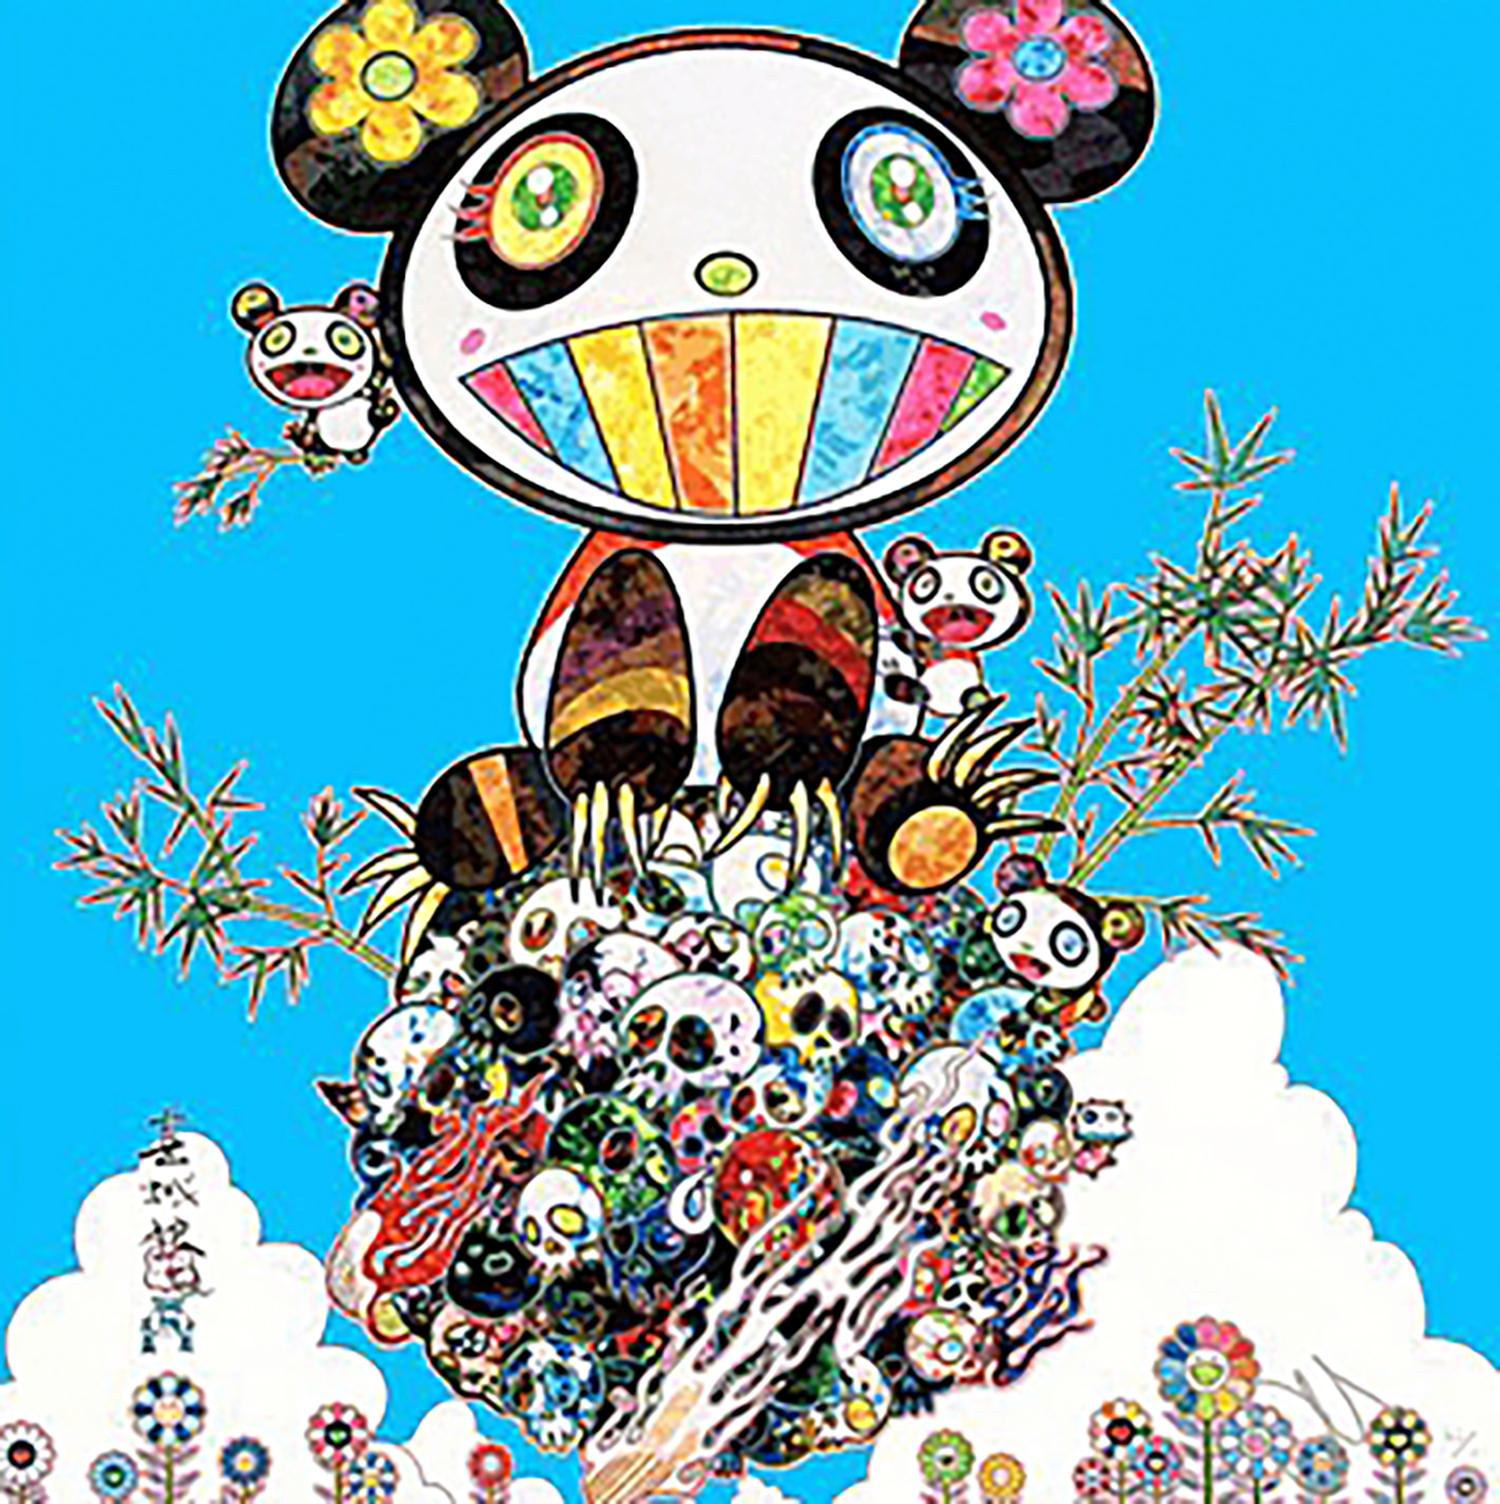 村上隆 Panda Family Happiness